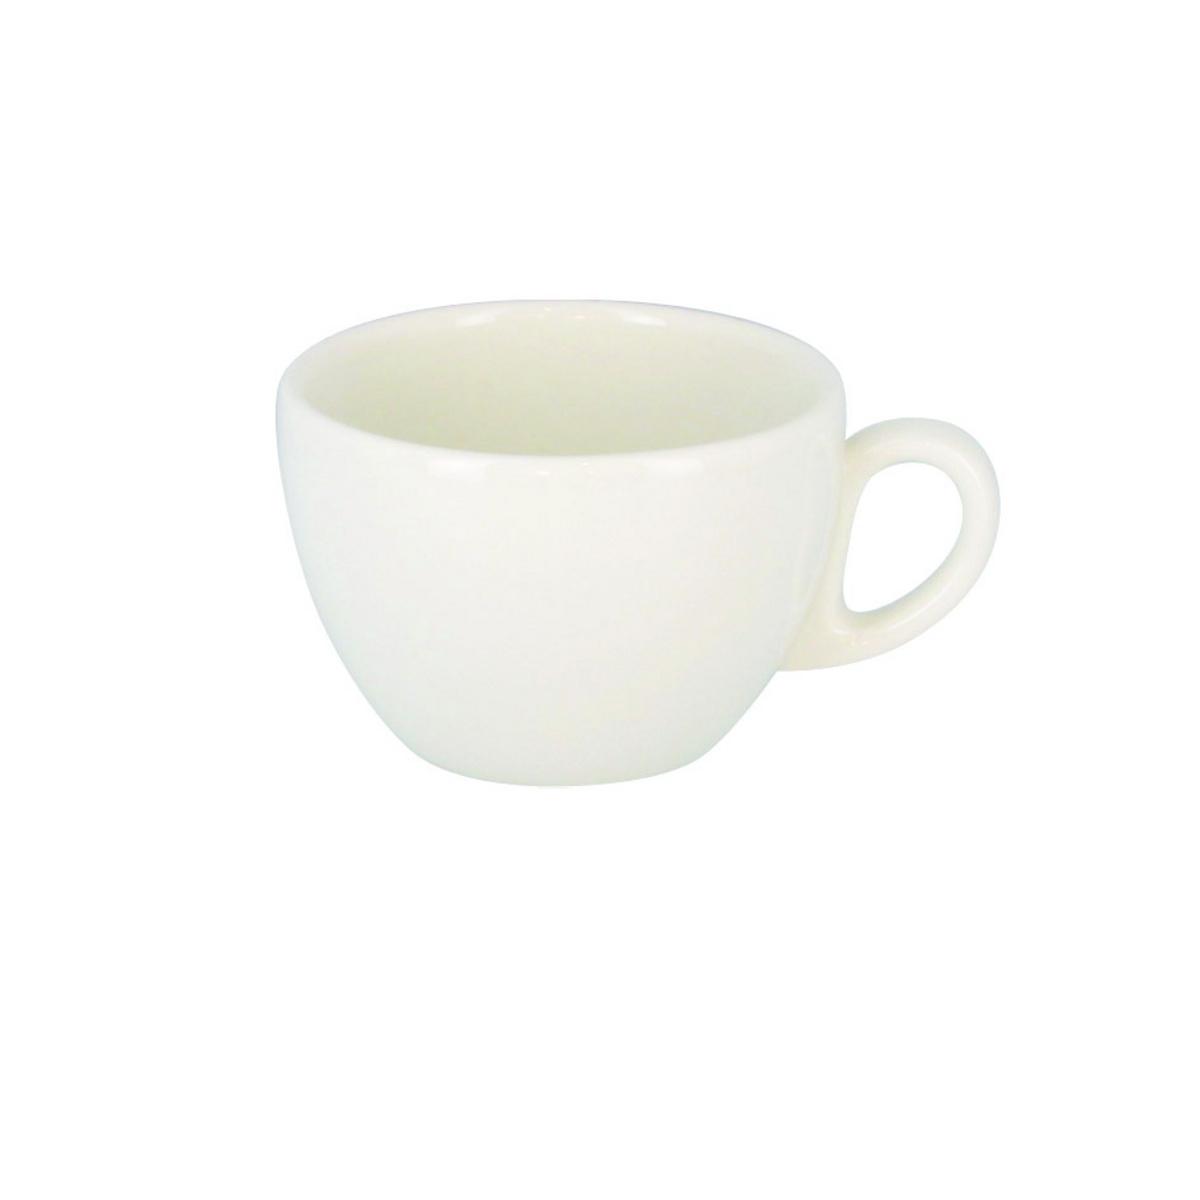 Tasse à thé ronde crème porcelaine 20 cl Ø 9 cm Barista Rak